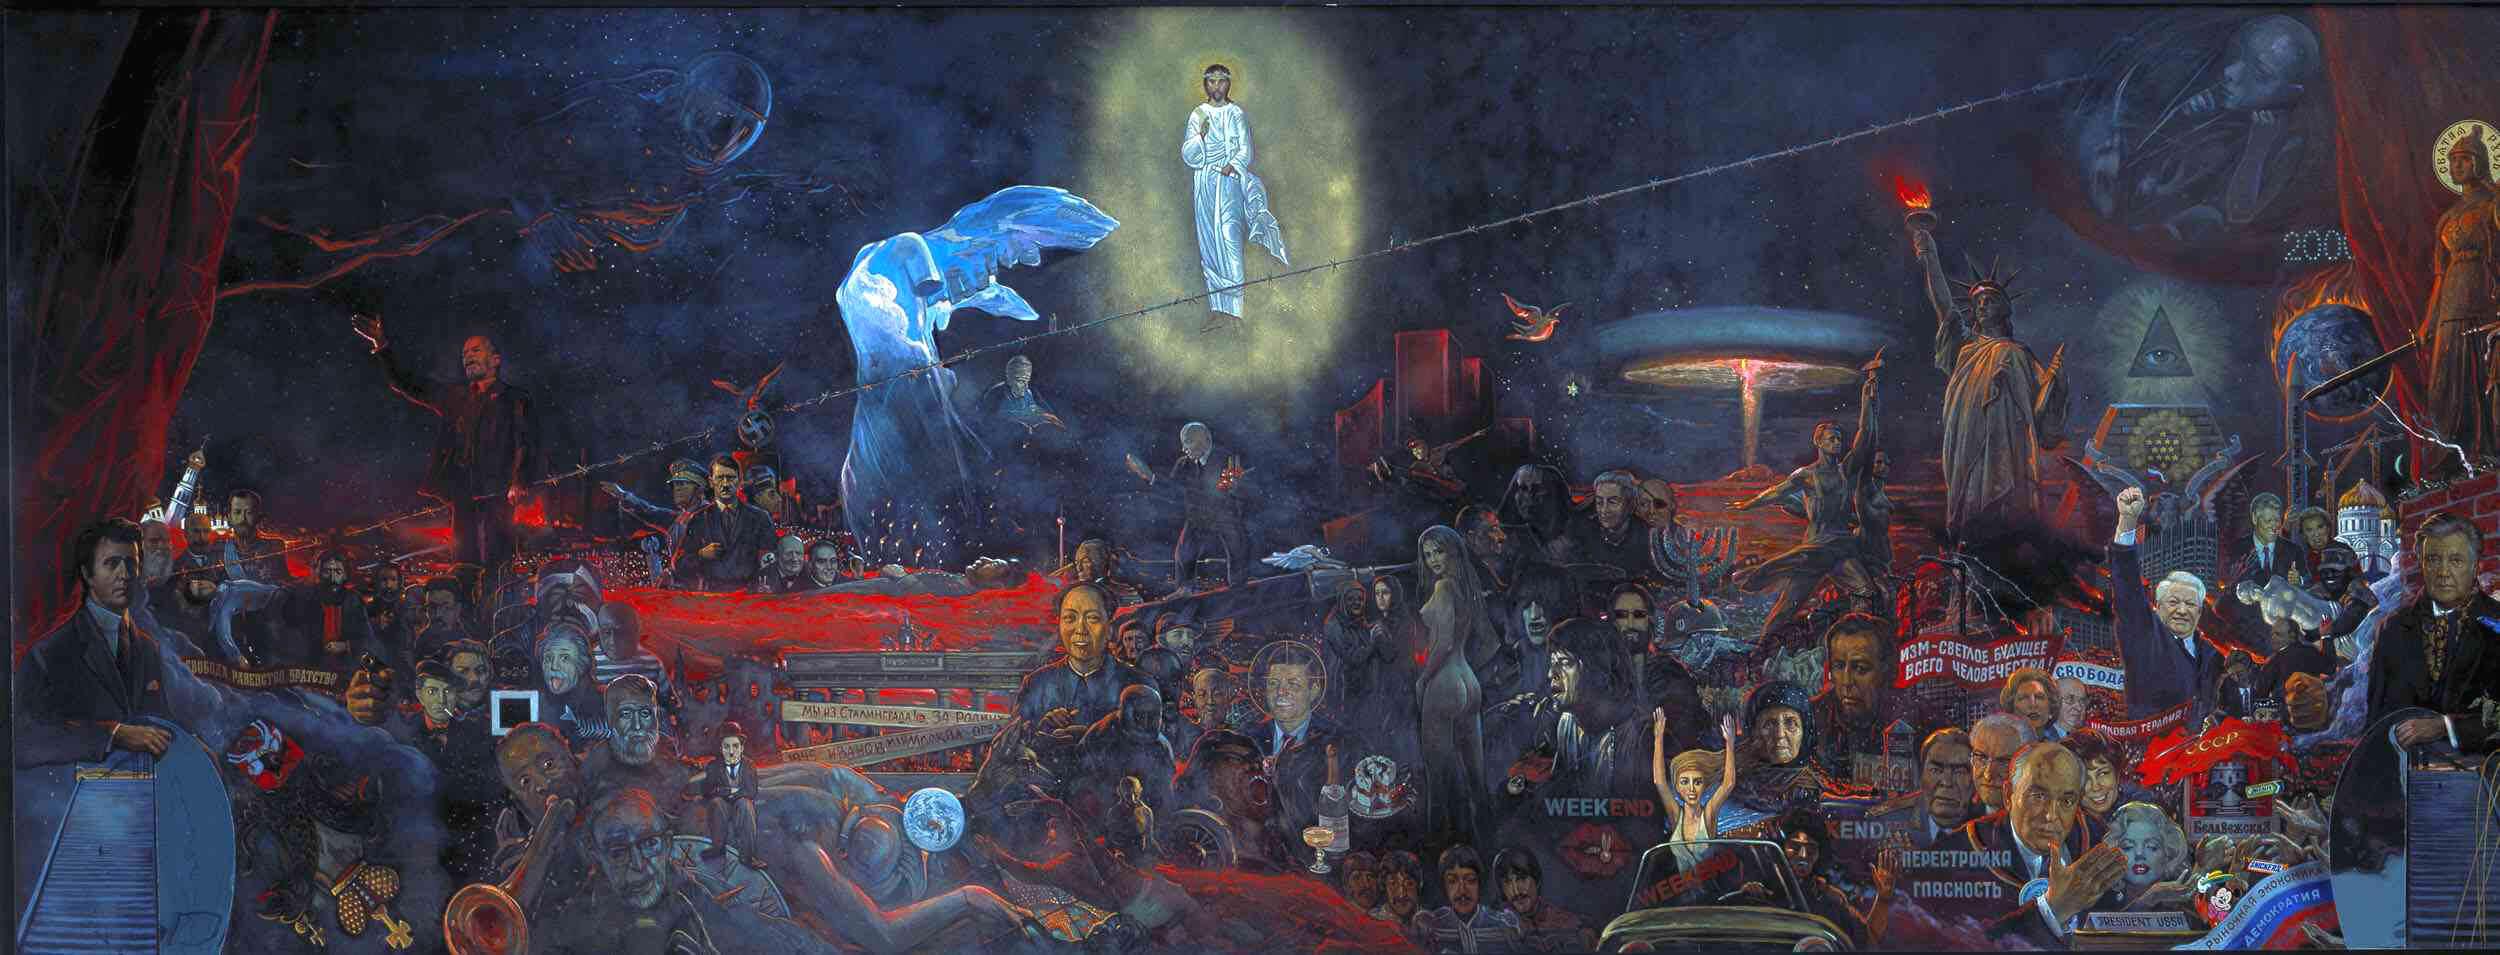 Ilja Glasunow - Persönlichkeiten: Gestalten des 20.Jahrhunderts, im Hintergrund Jesus im Licht